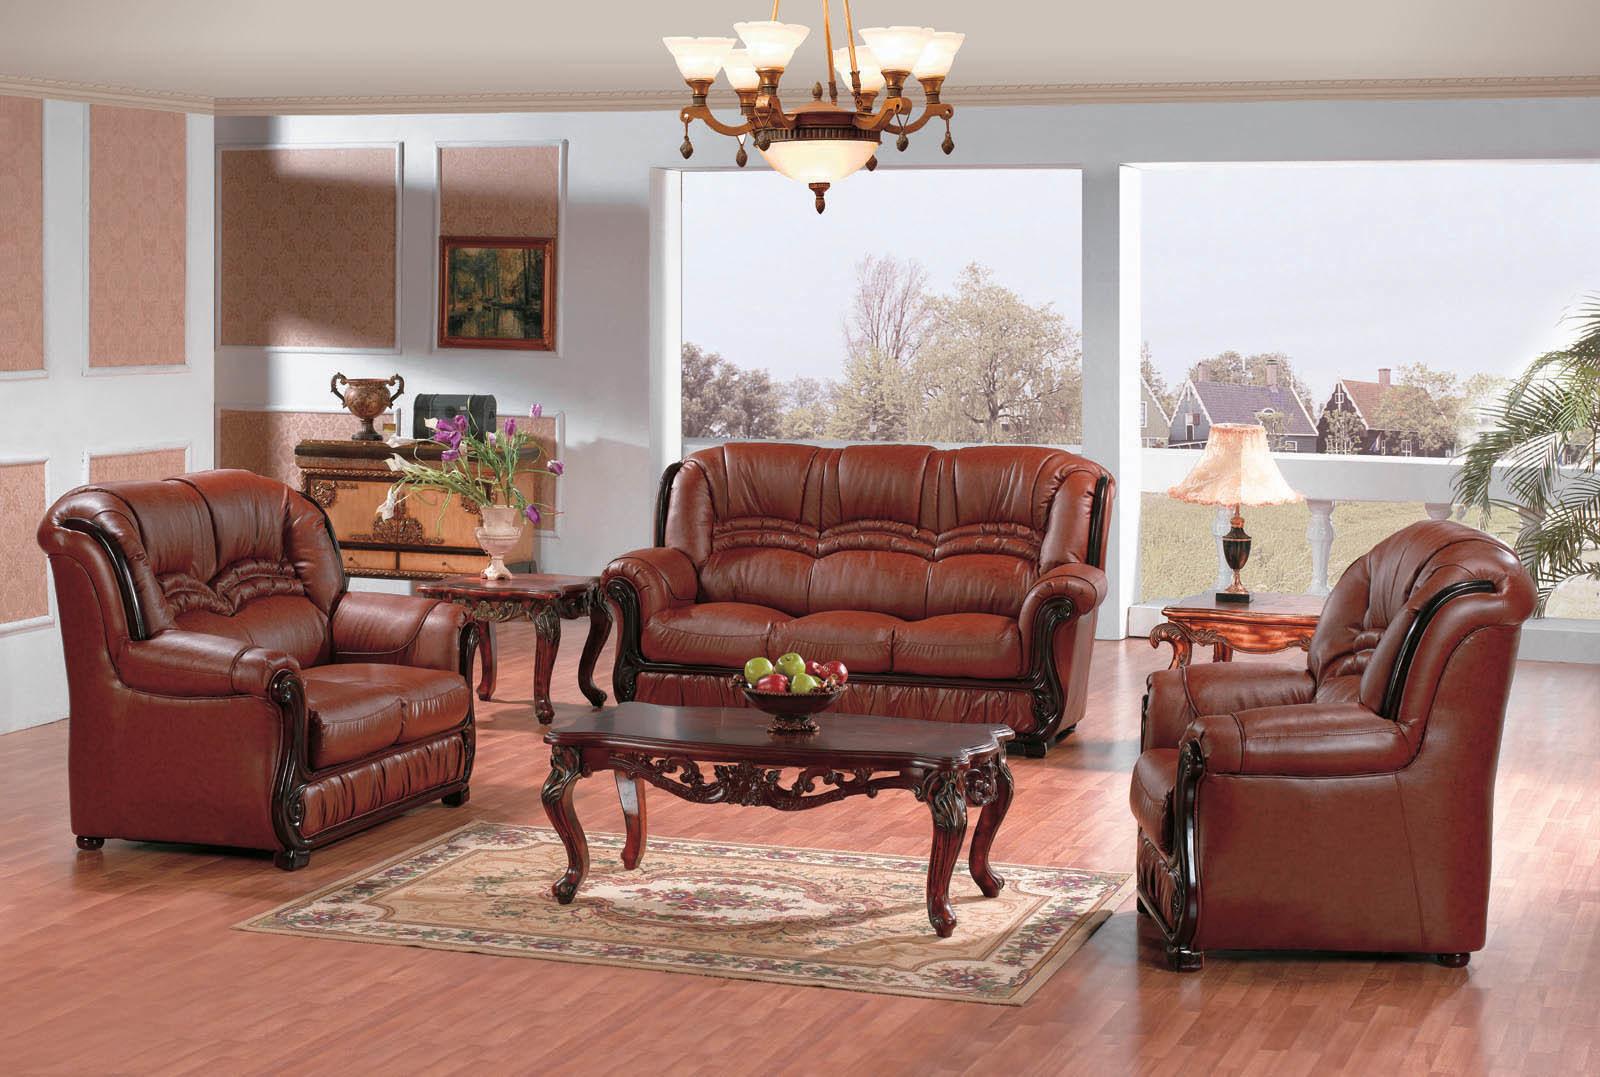 China Living Room Furniture Europe Sofa 096 2007 10 China Furniture Sofa Furniture